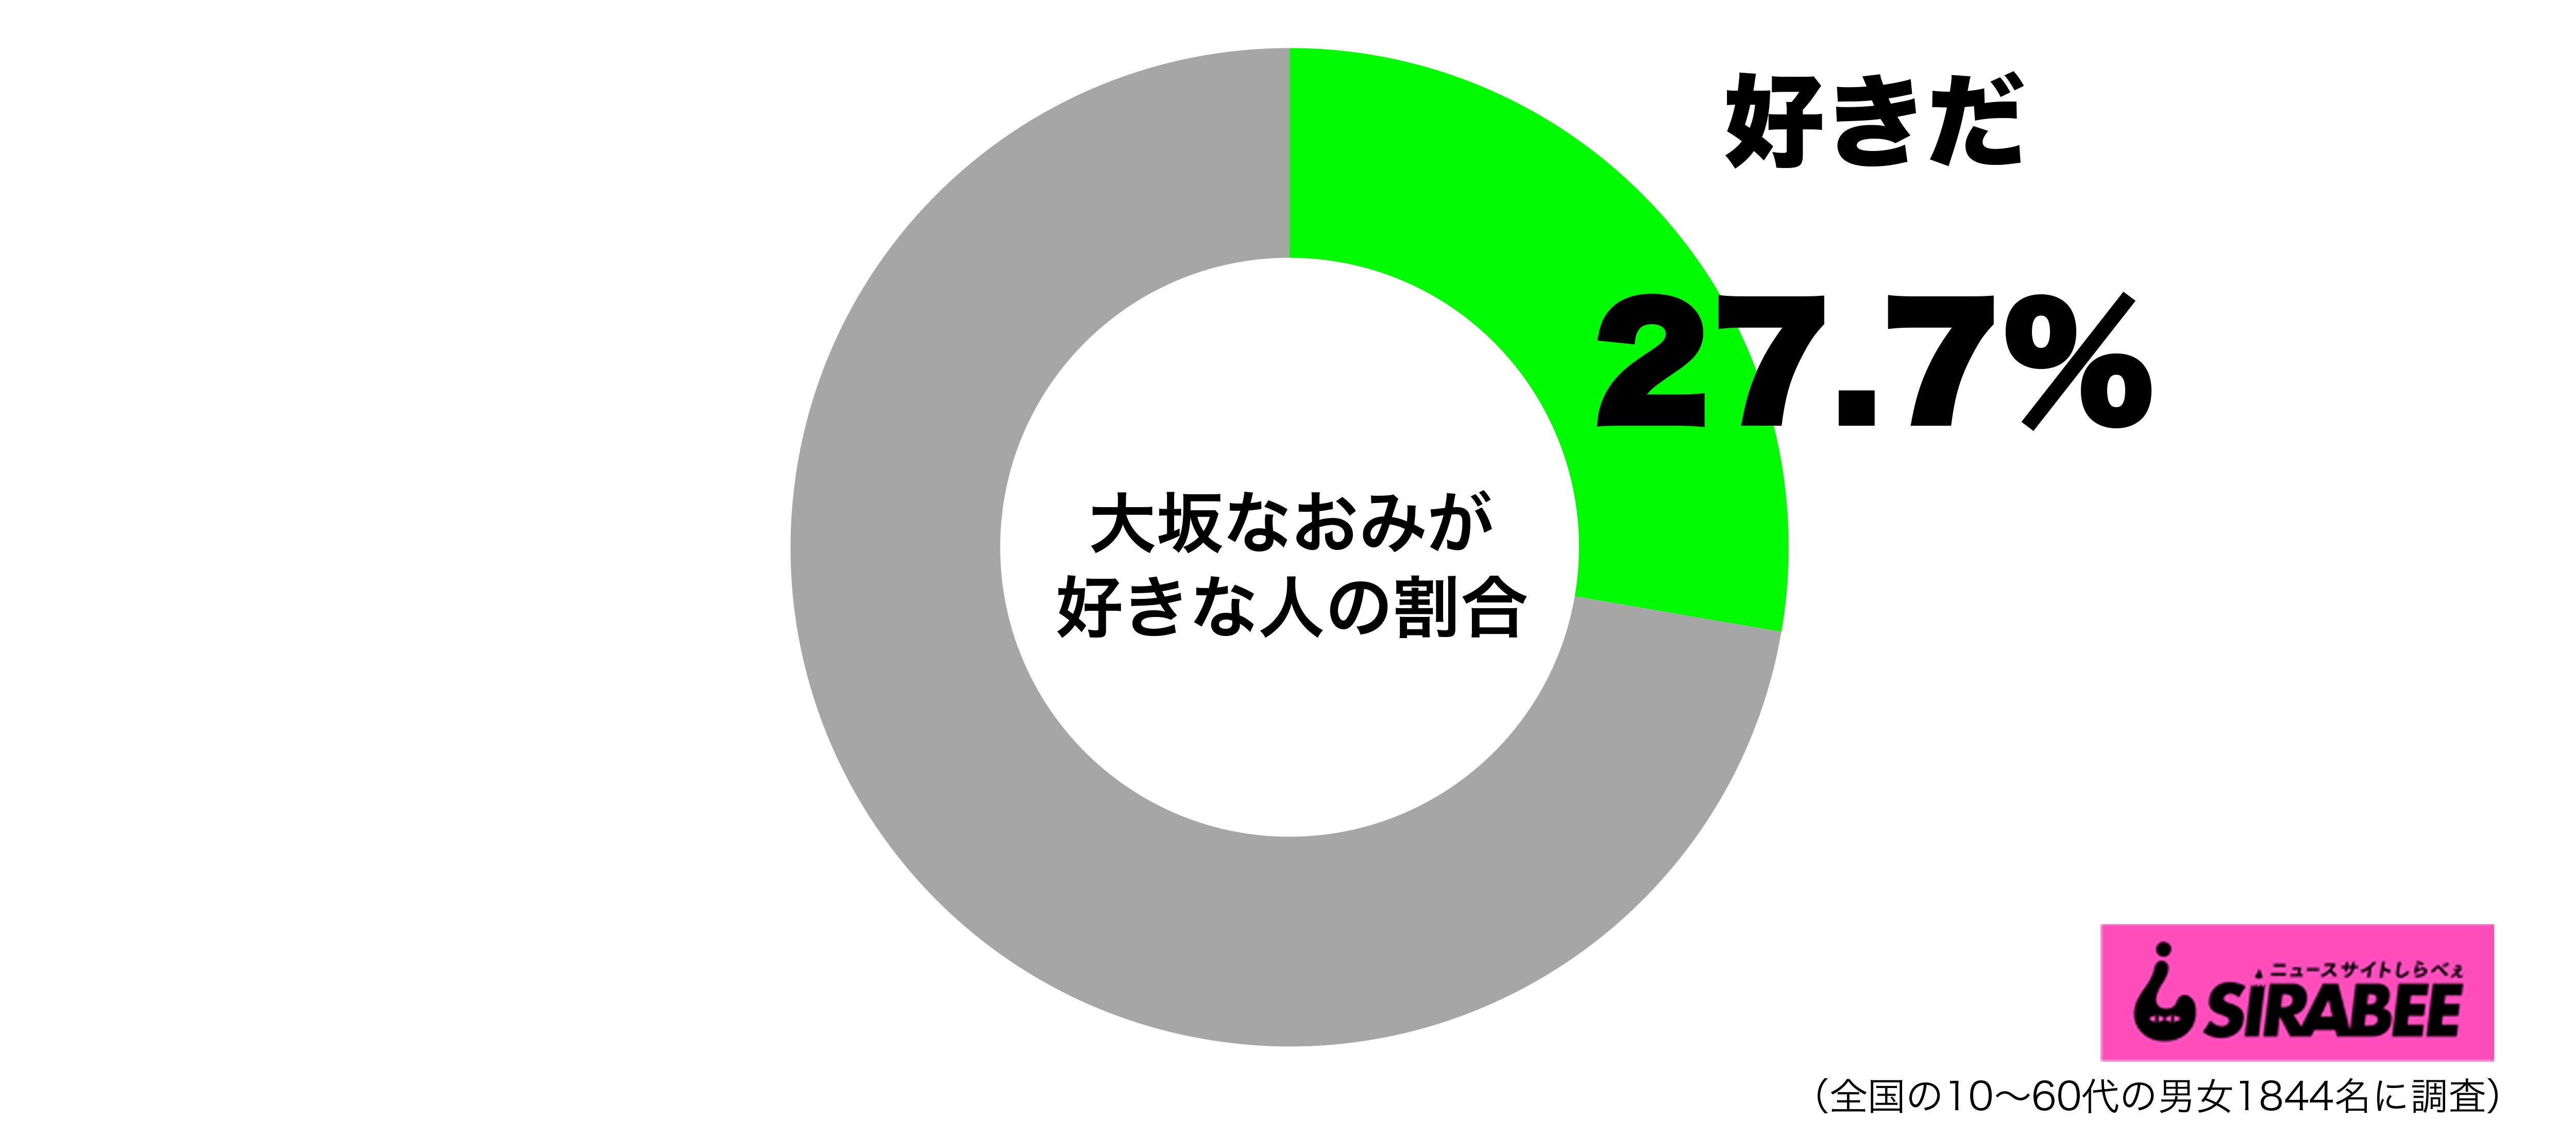 大坂なおみが好きグラフ